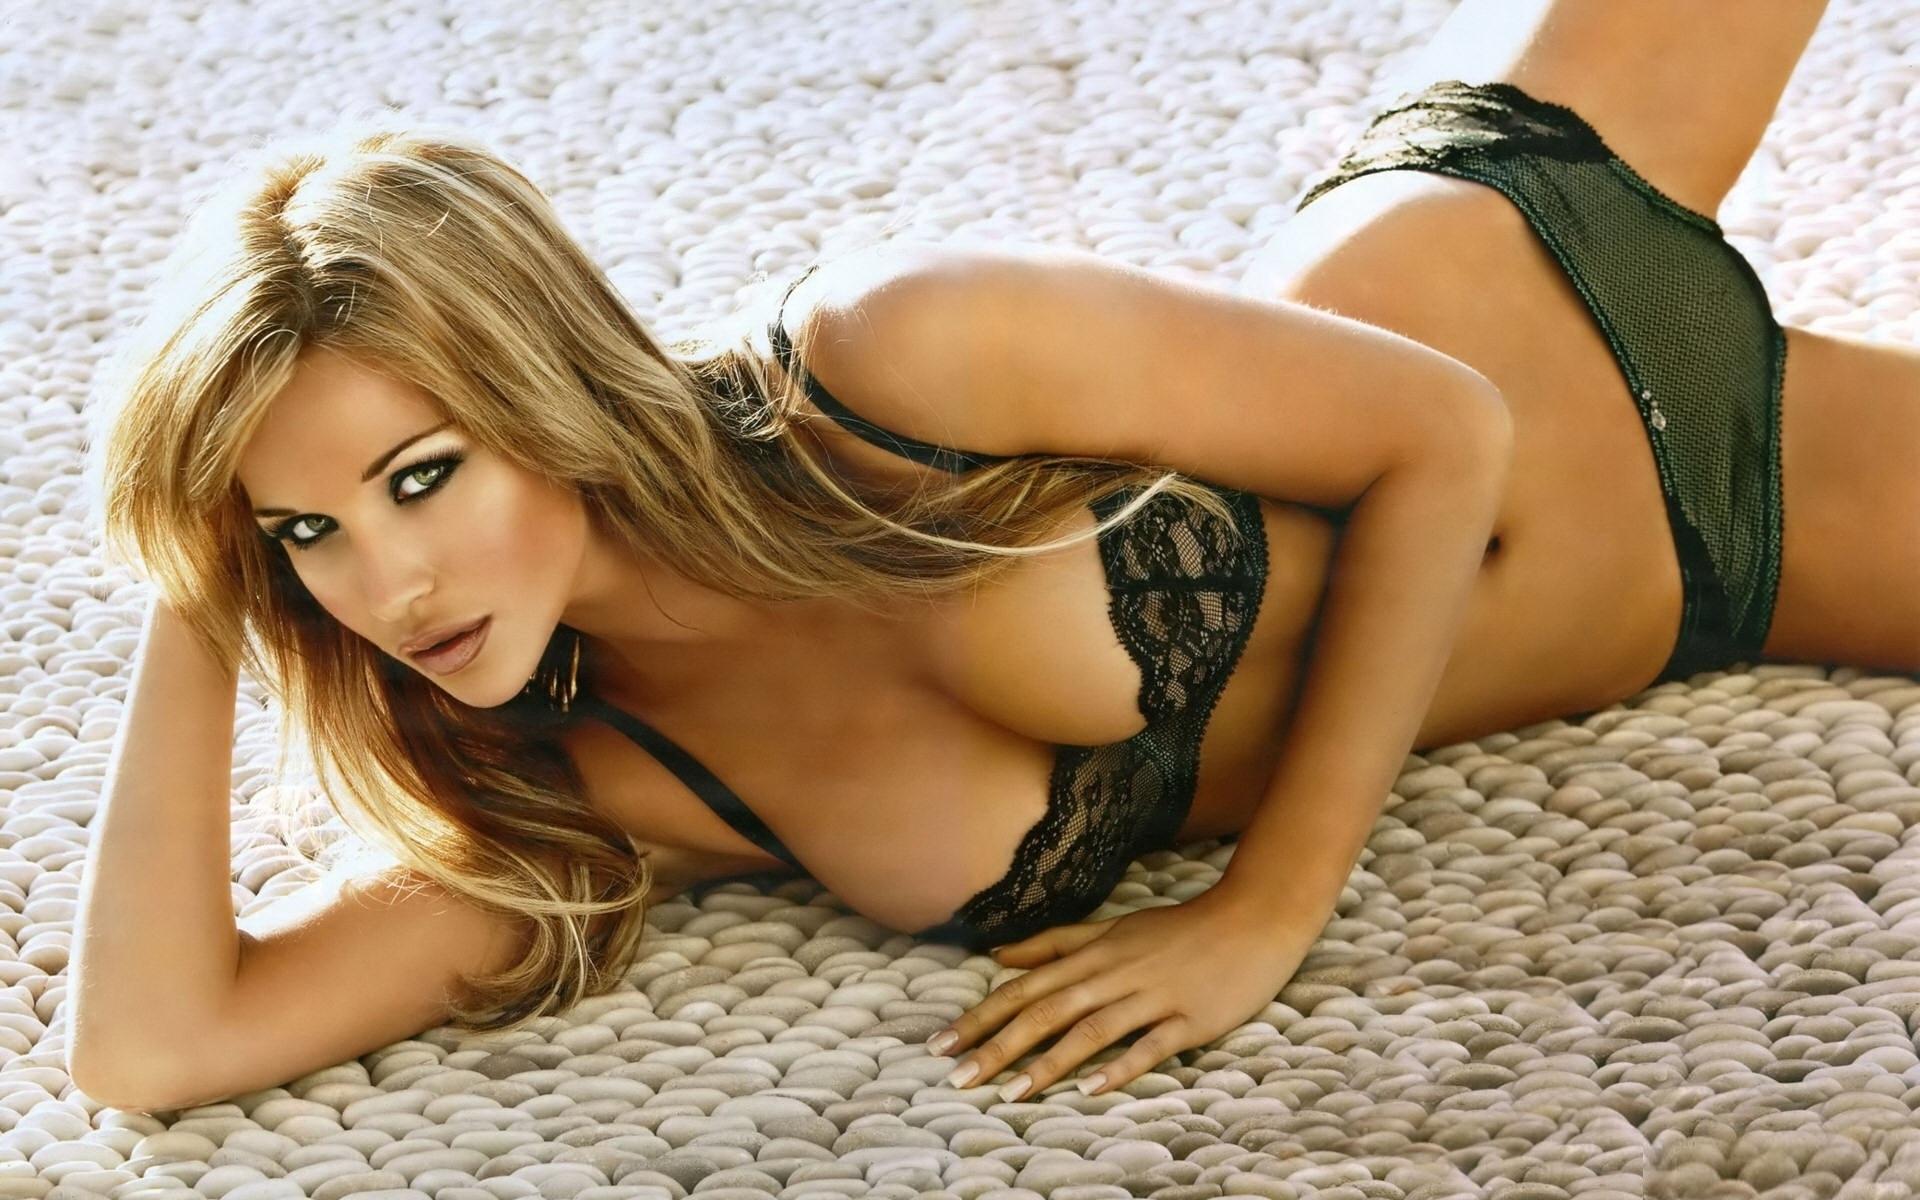 порно красивых девочек бесплатно онлайн